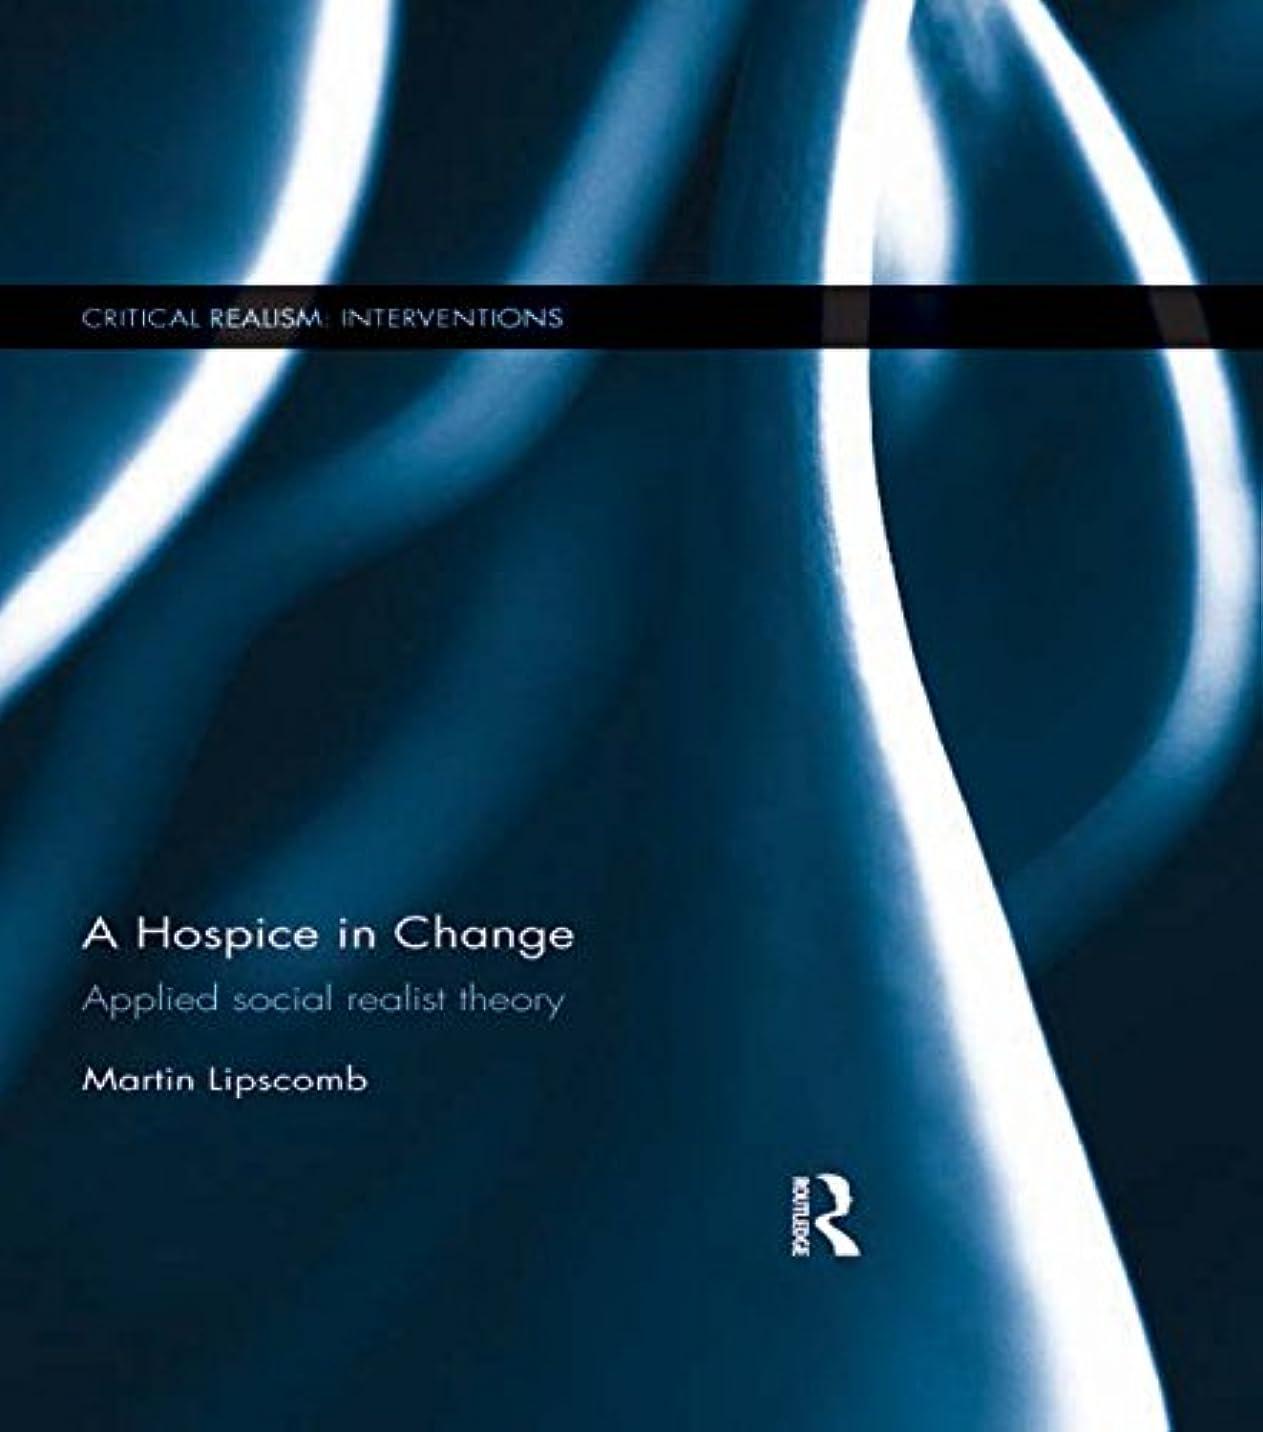 ベイビーカレッジ一次A Hospice in Change: Applied Social Realist Theory (Critical Realism: Interventions (Routledge Critical Realism)) (English Edition)